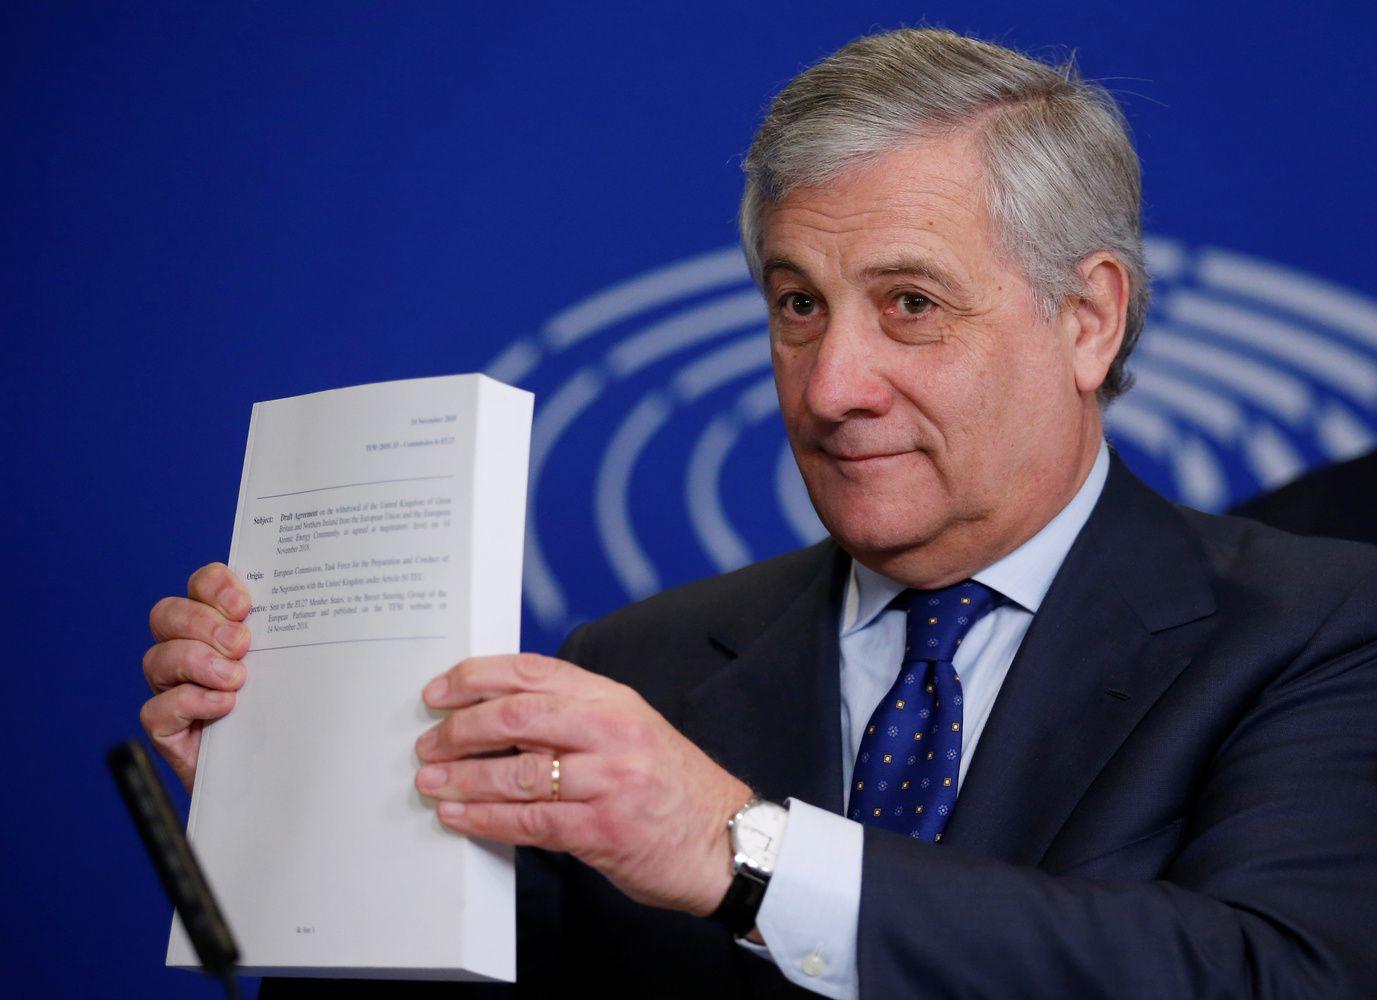 """EP pirmininkas apie """"Brexit"""" susitarimą: tai tik pirmasis žingsnis"""